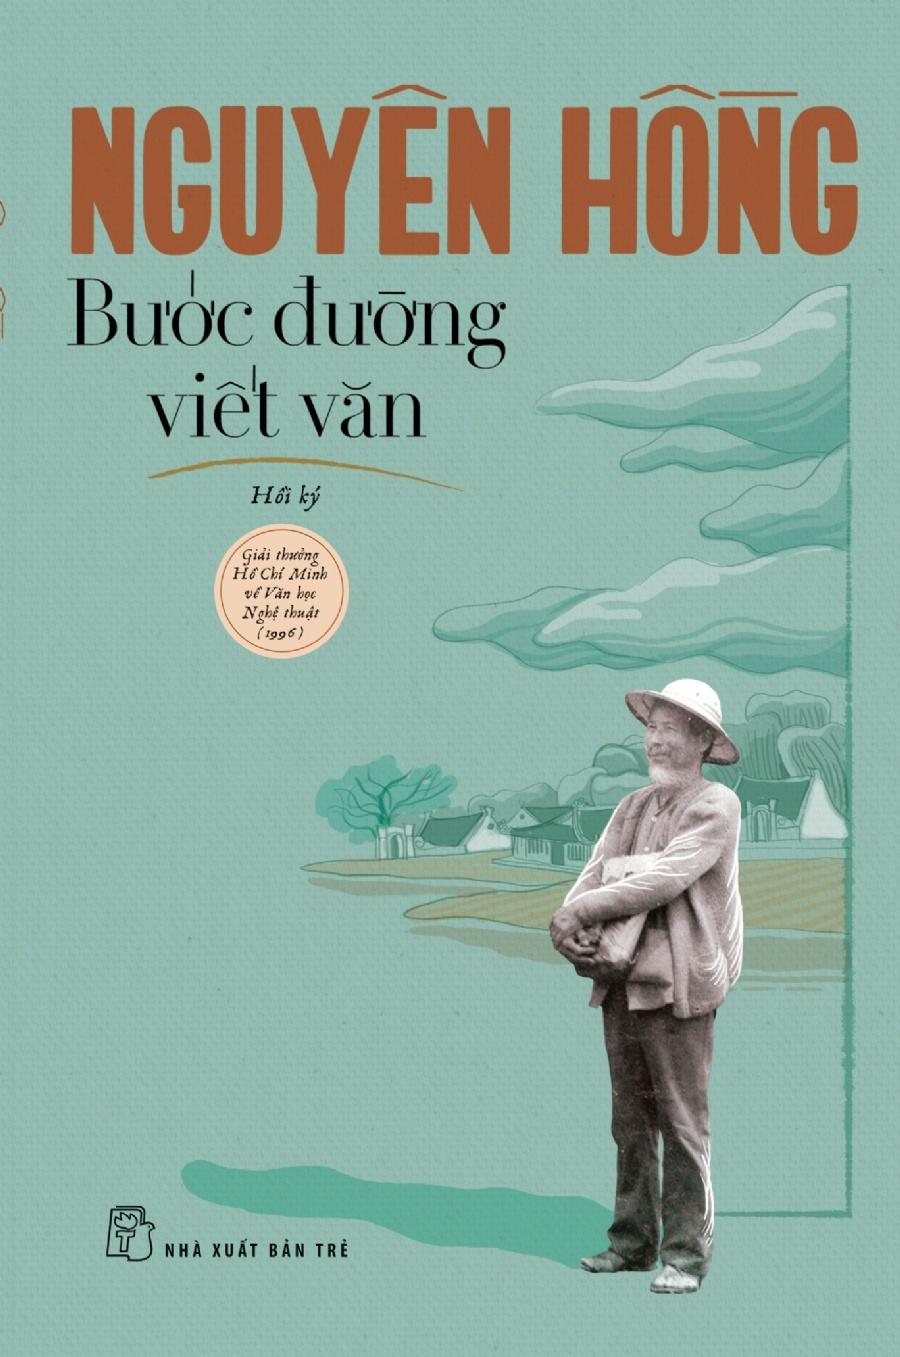 Nguyen Hong, khuynh huong sang tac, tieu thuyet, Bi vo, con an cap, nguyen mau, nha tho, goc khuat, mat trai xa hoi anh 2